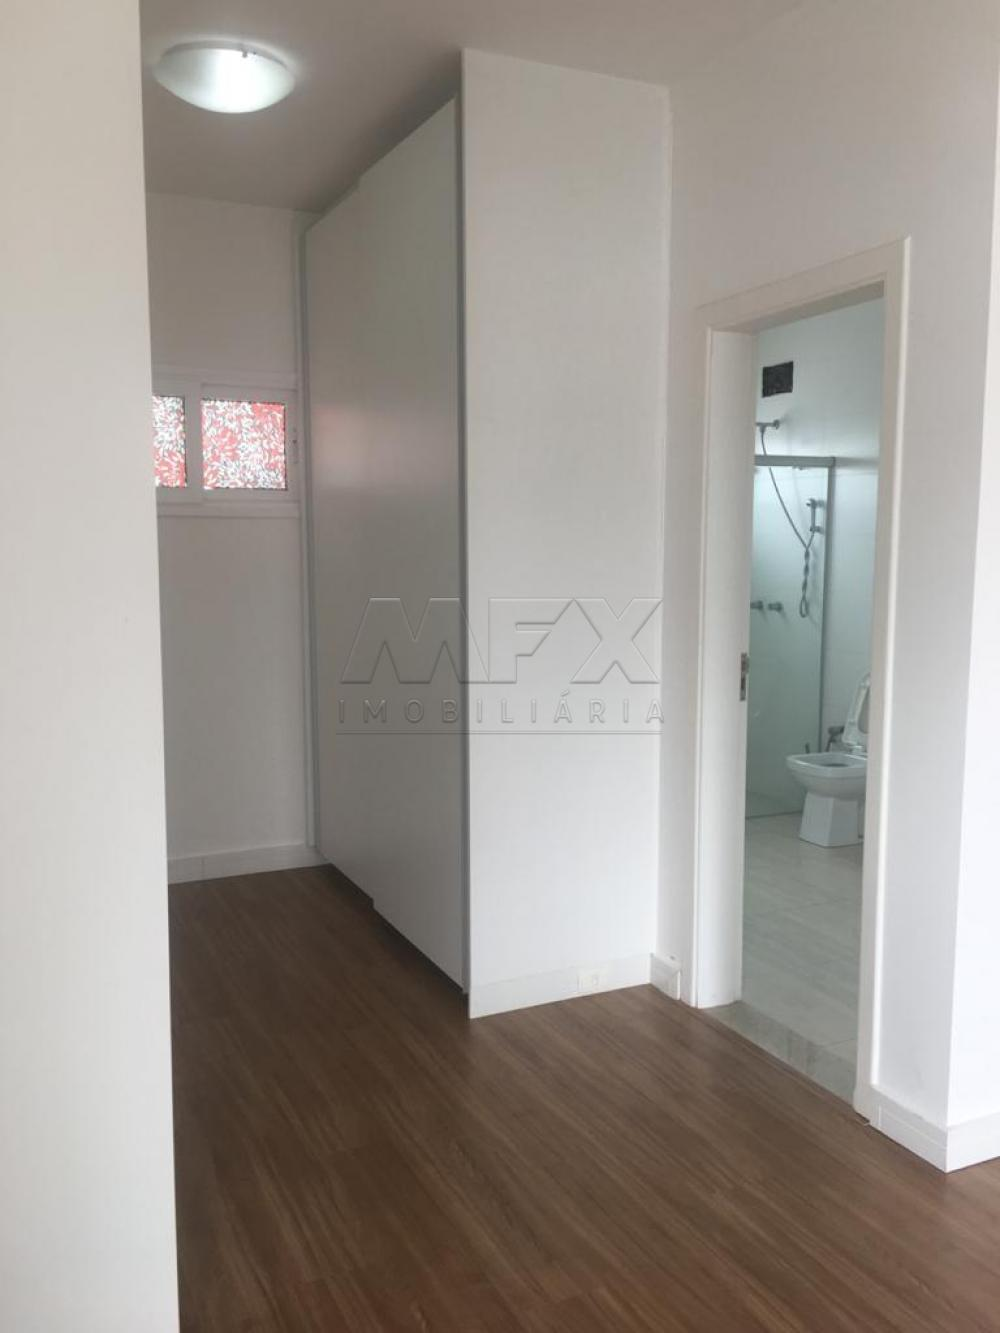 Comprar Casa / Condomínio em Piratininga apenas R$ 850.000,00 - Foto 14